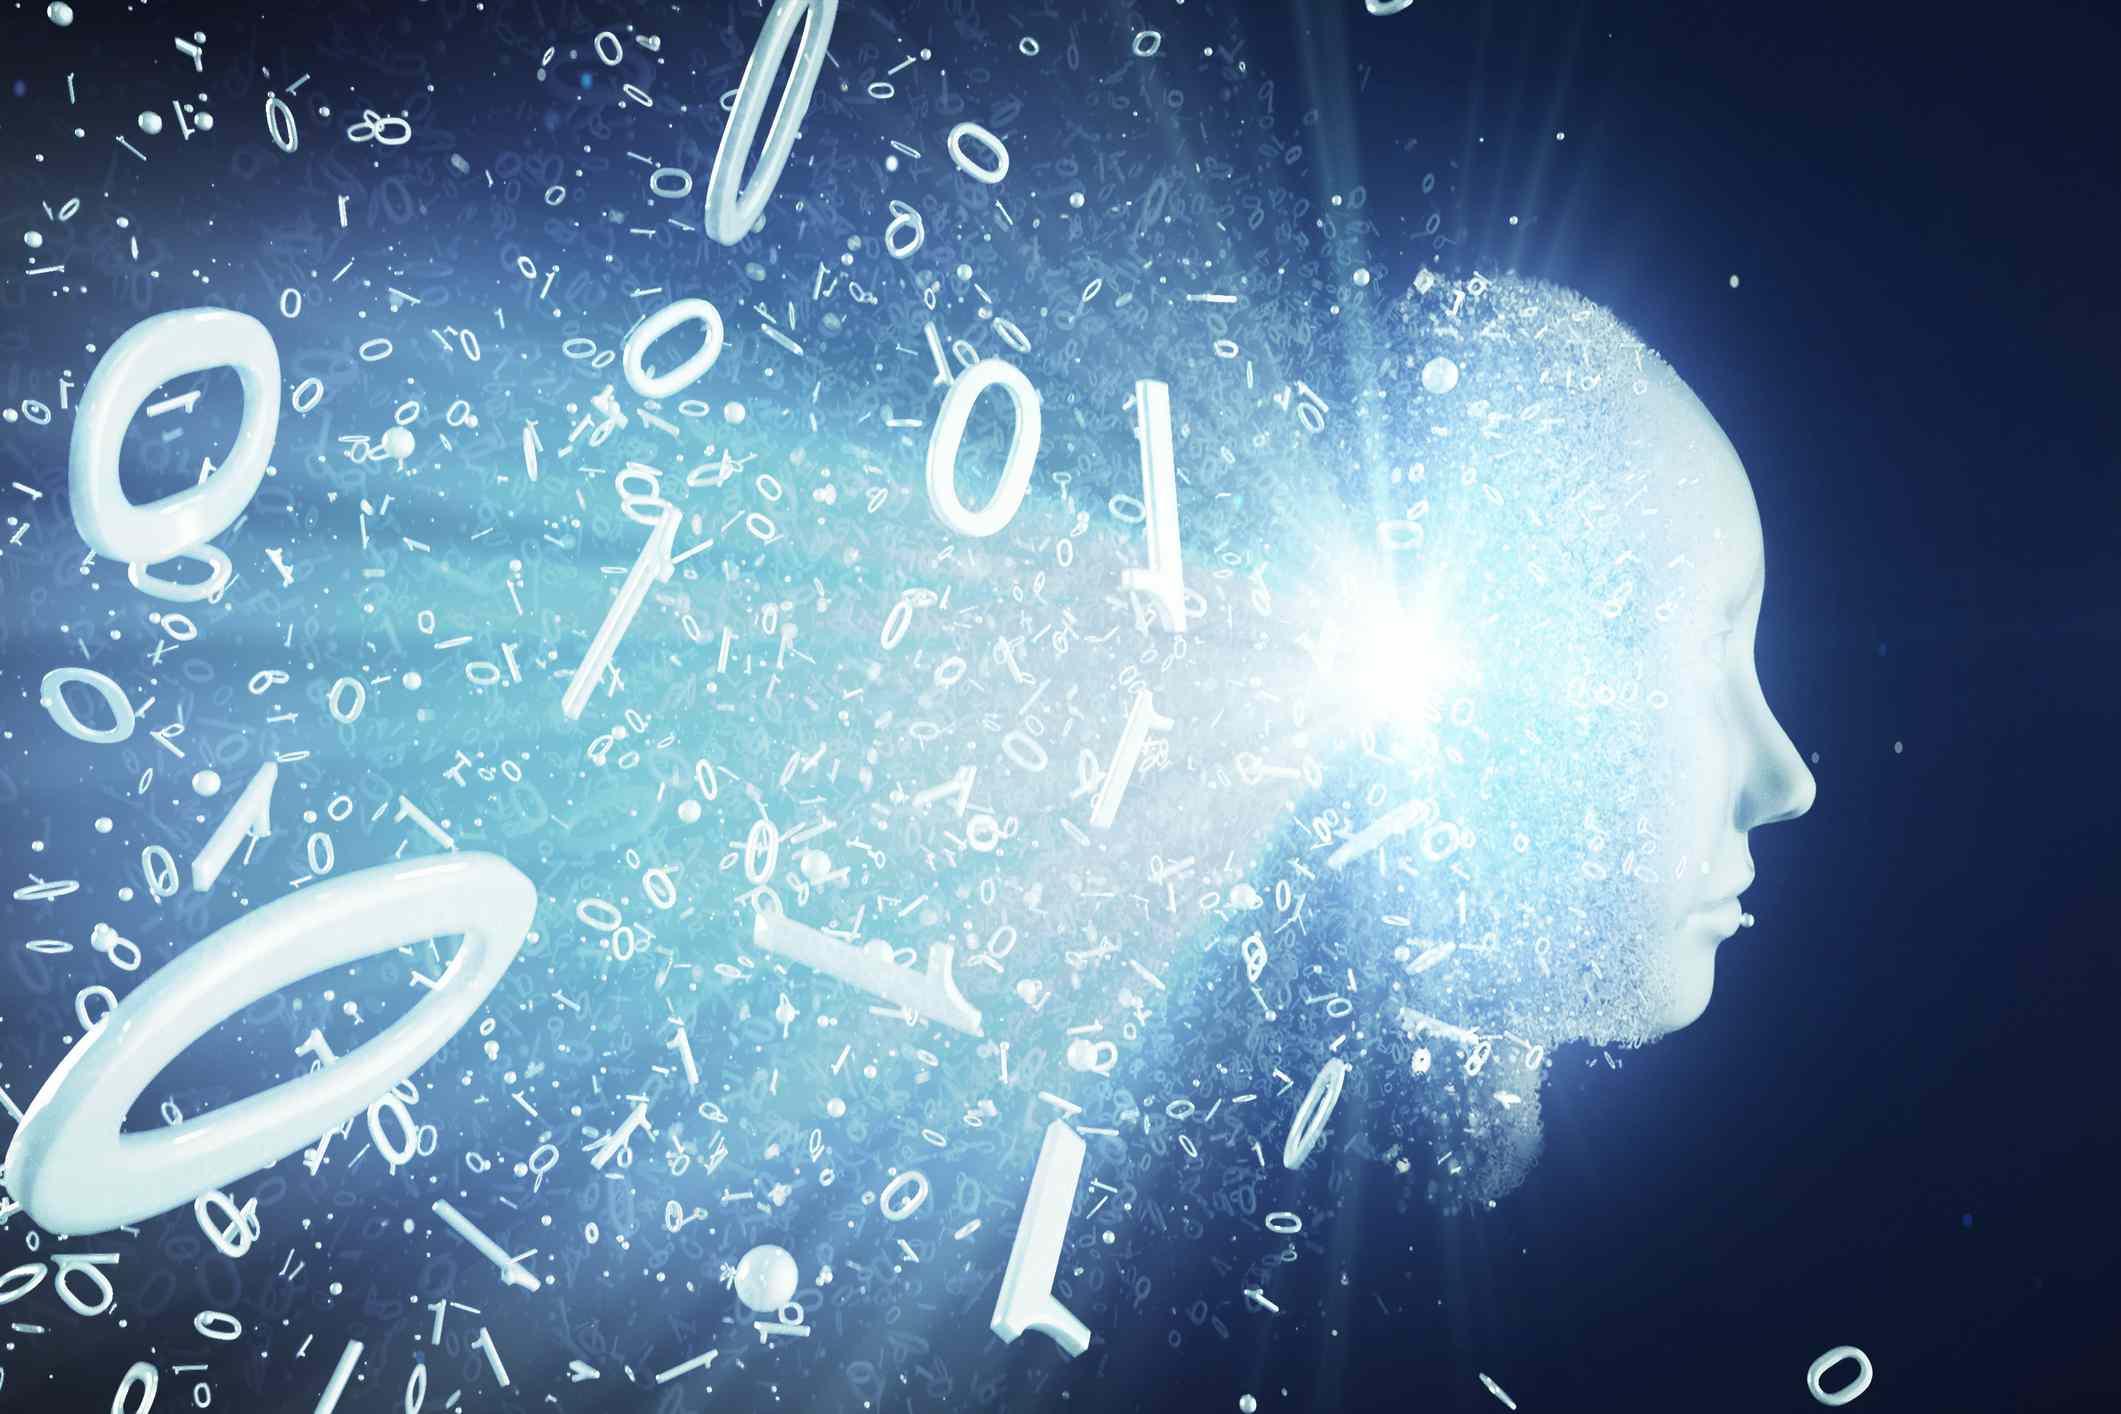 Conceptual image: Binary code transforming AI robot face.